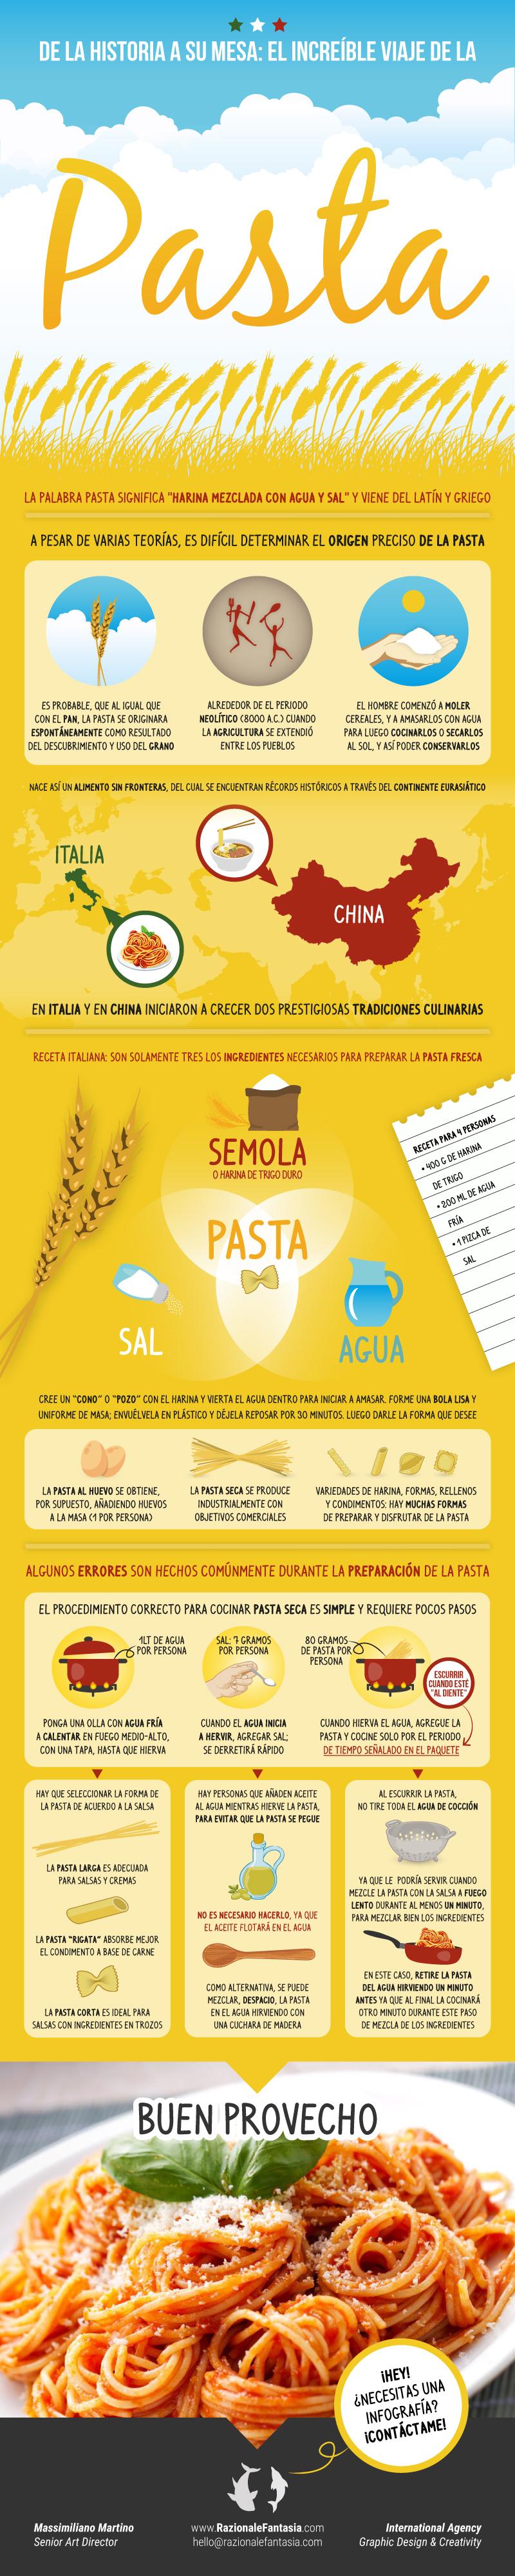 PASTA_infographic_es.jpg